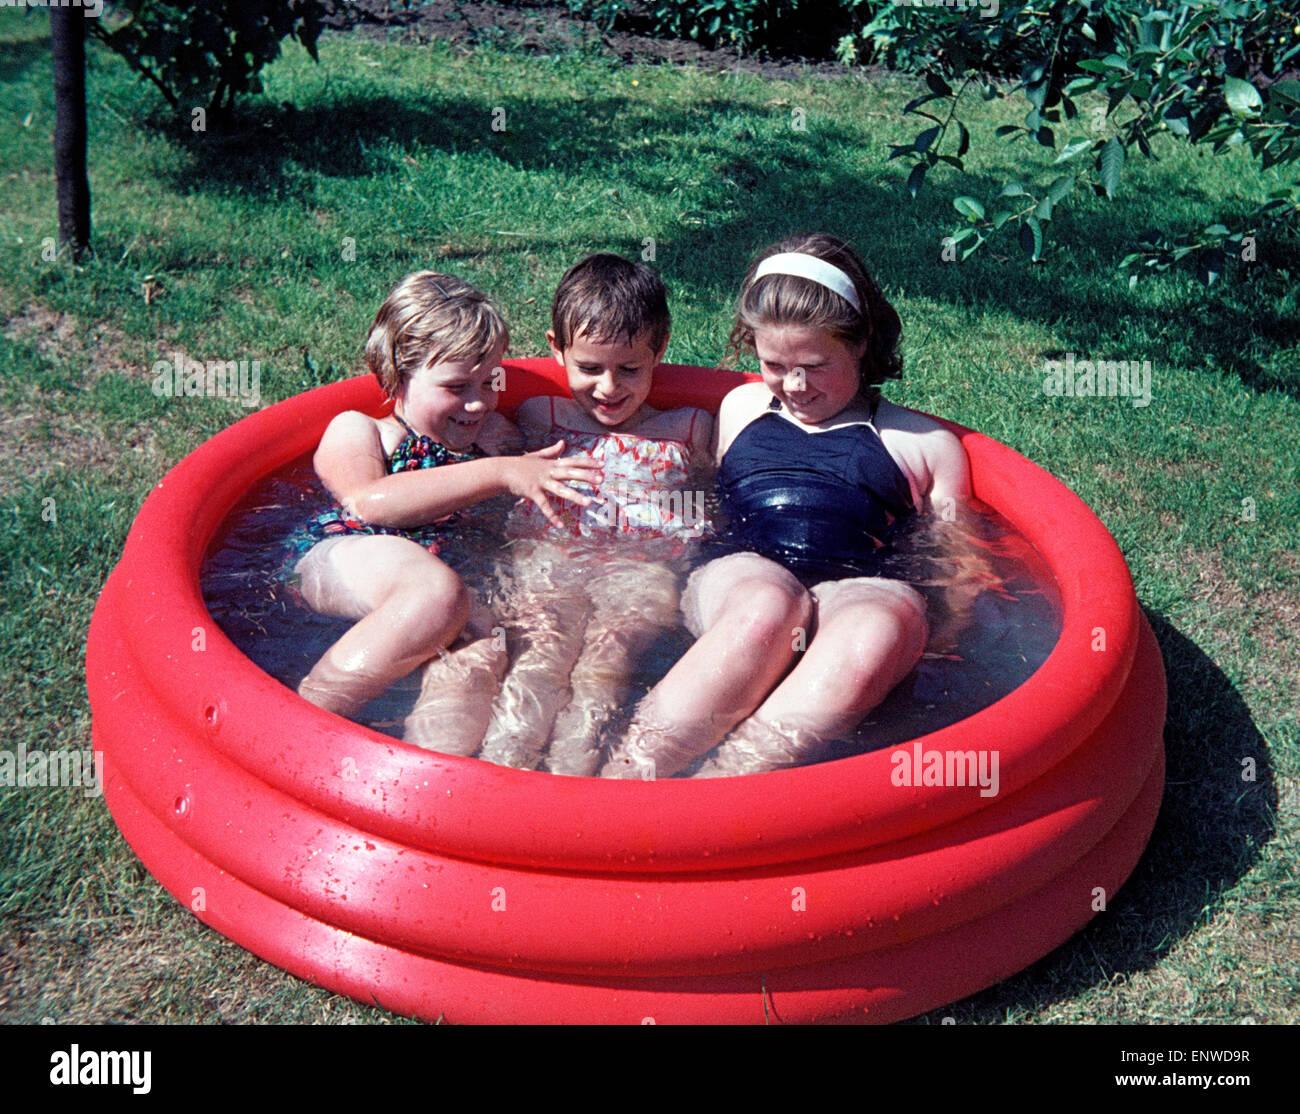 Sechziger jahre drei kinder baden in einem kiddy bündeln